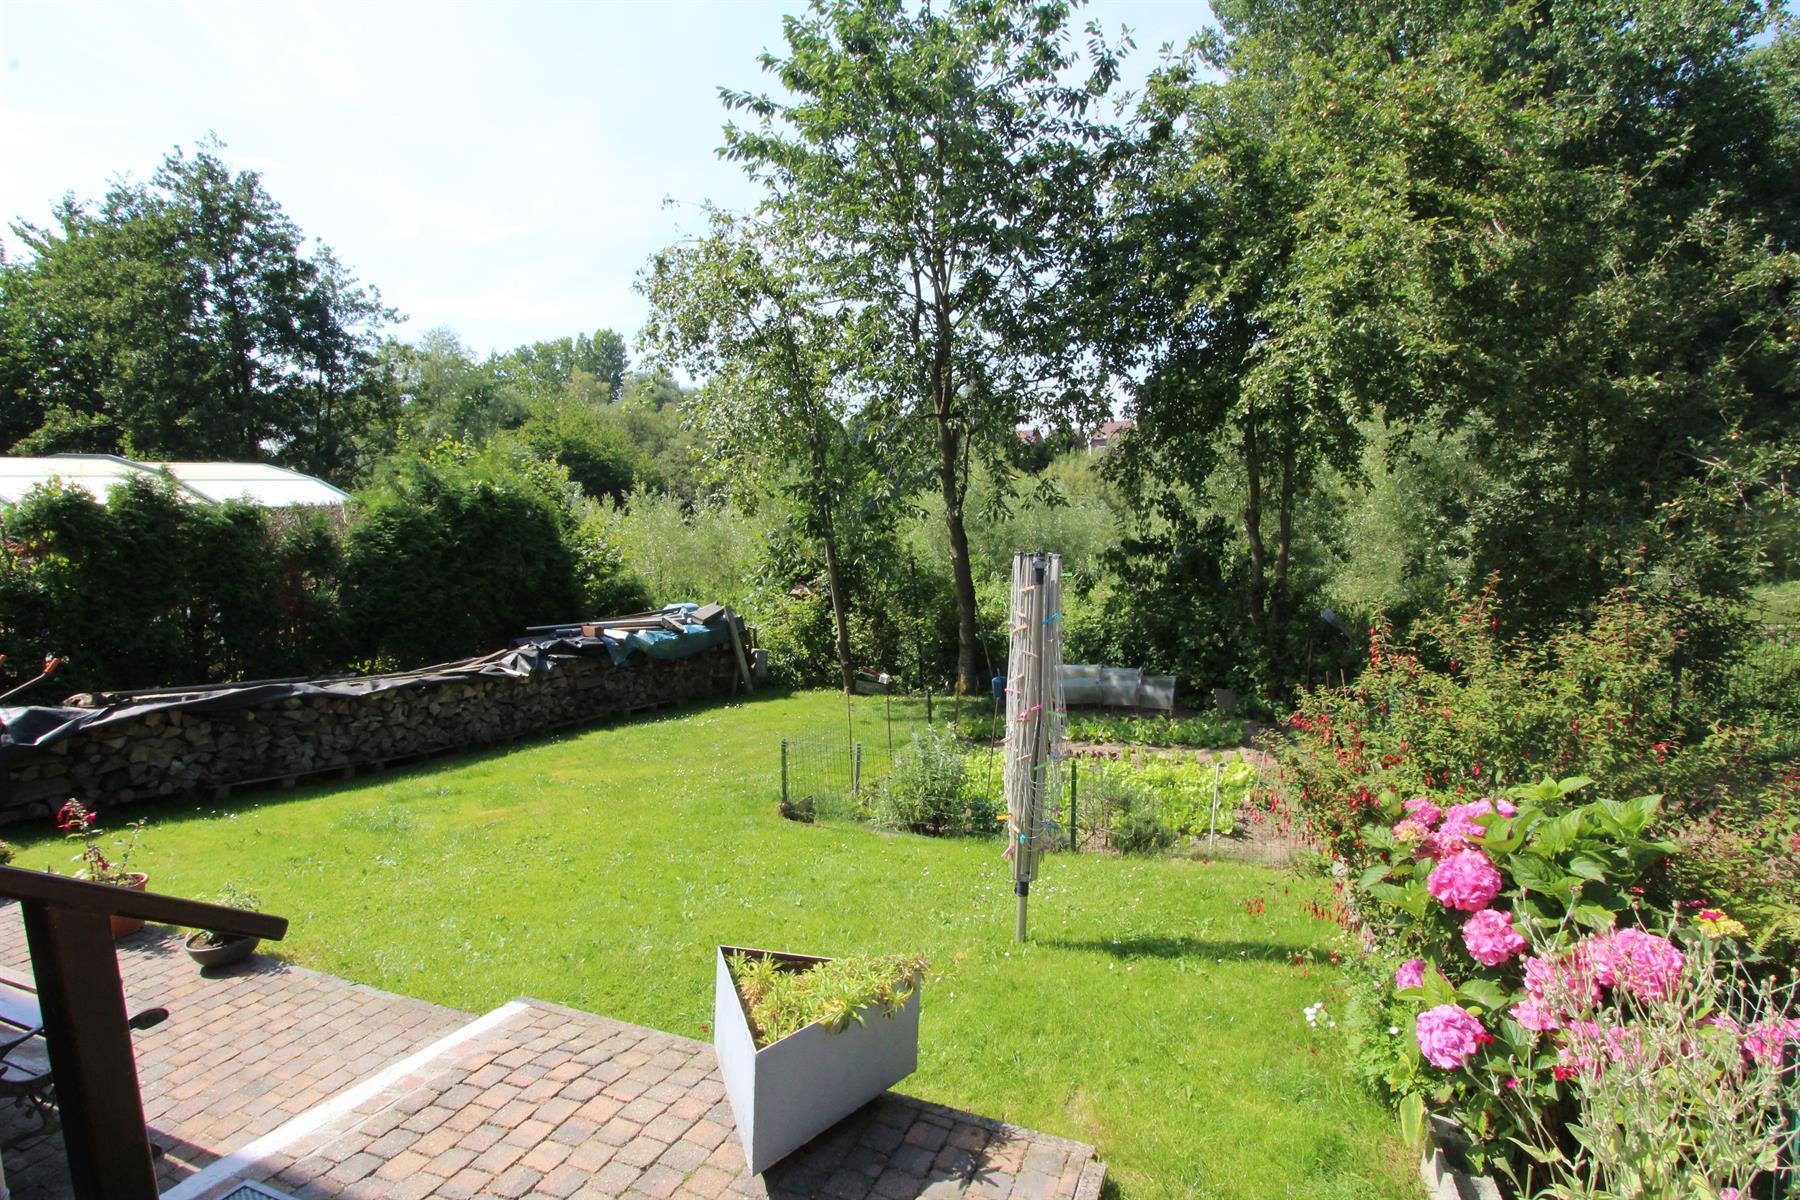 Maison - Villers-la-Ville Tilly - #4077443-2